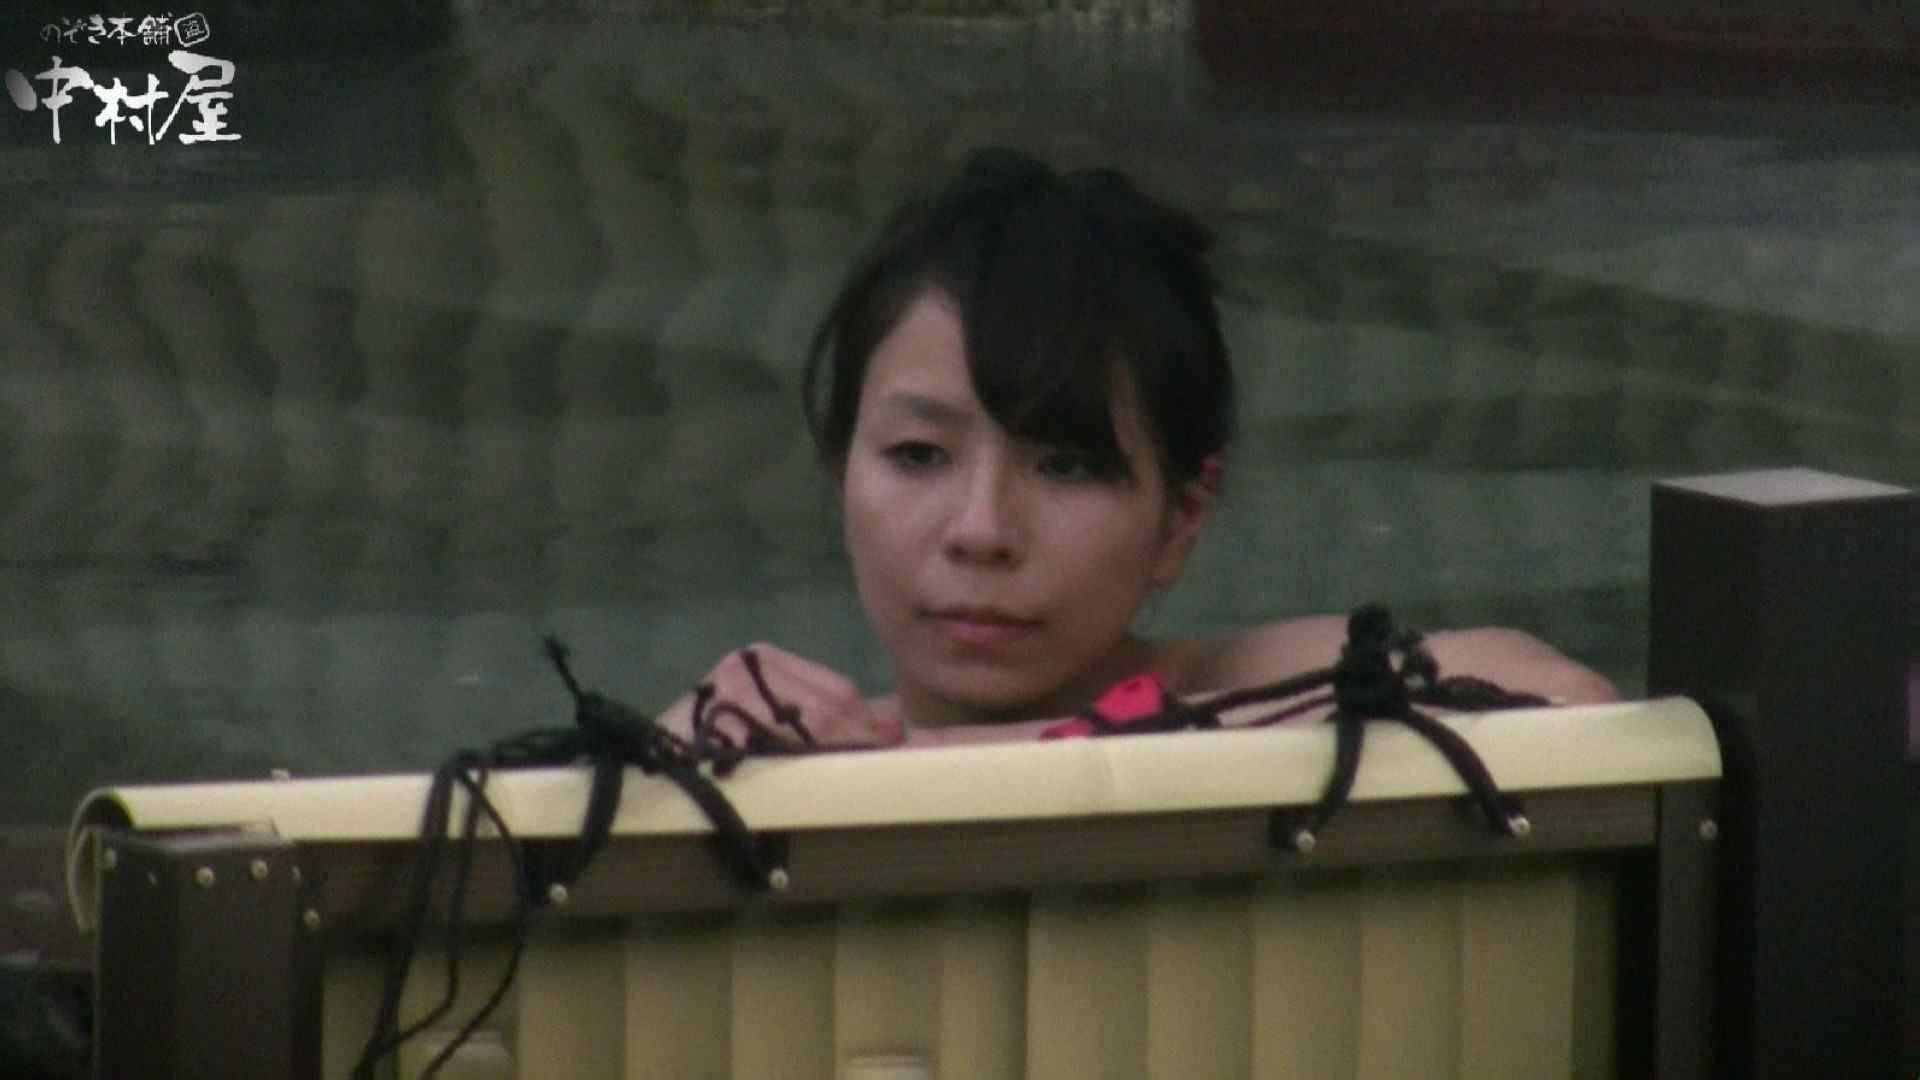 Aquaな露天風呂Vol.930 0   0  101pic 97